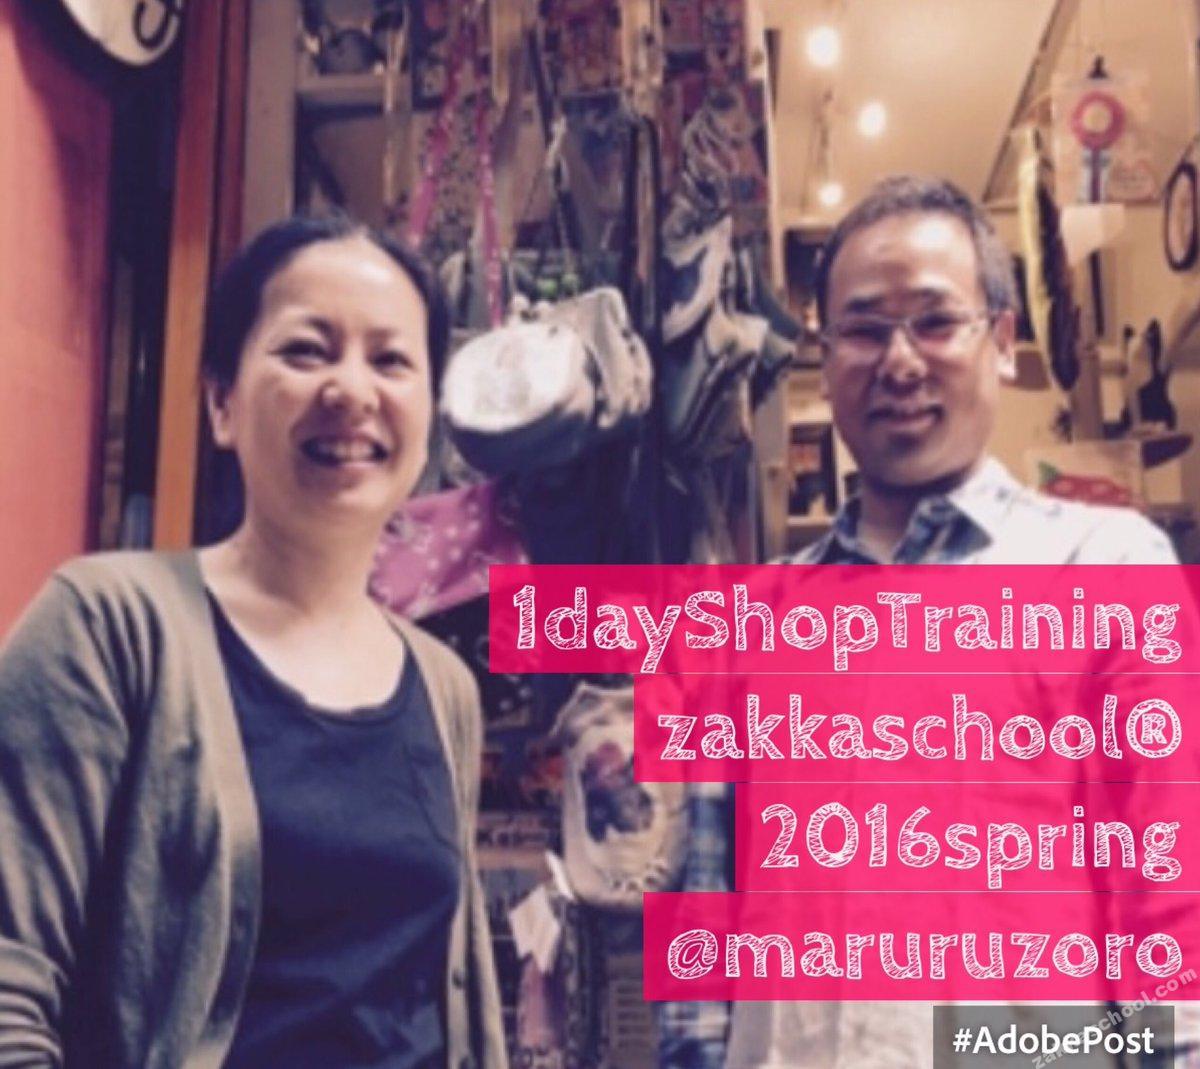 人気雑貨店1日インターン2016年春期生のアルバム「雑貨の学校」